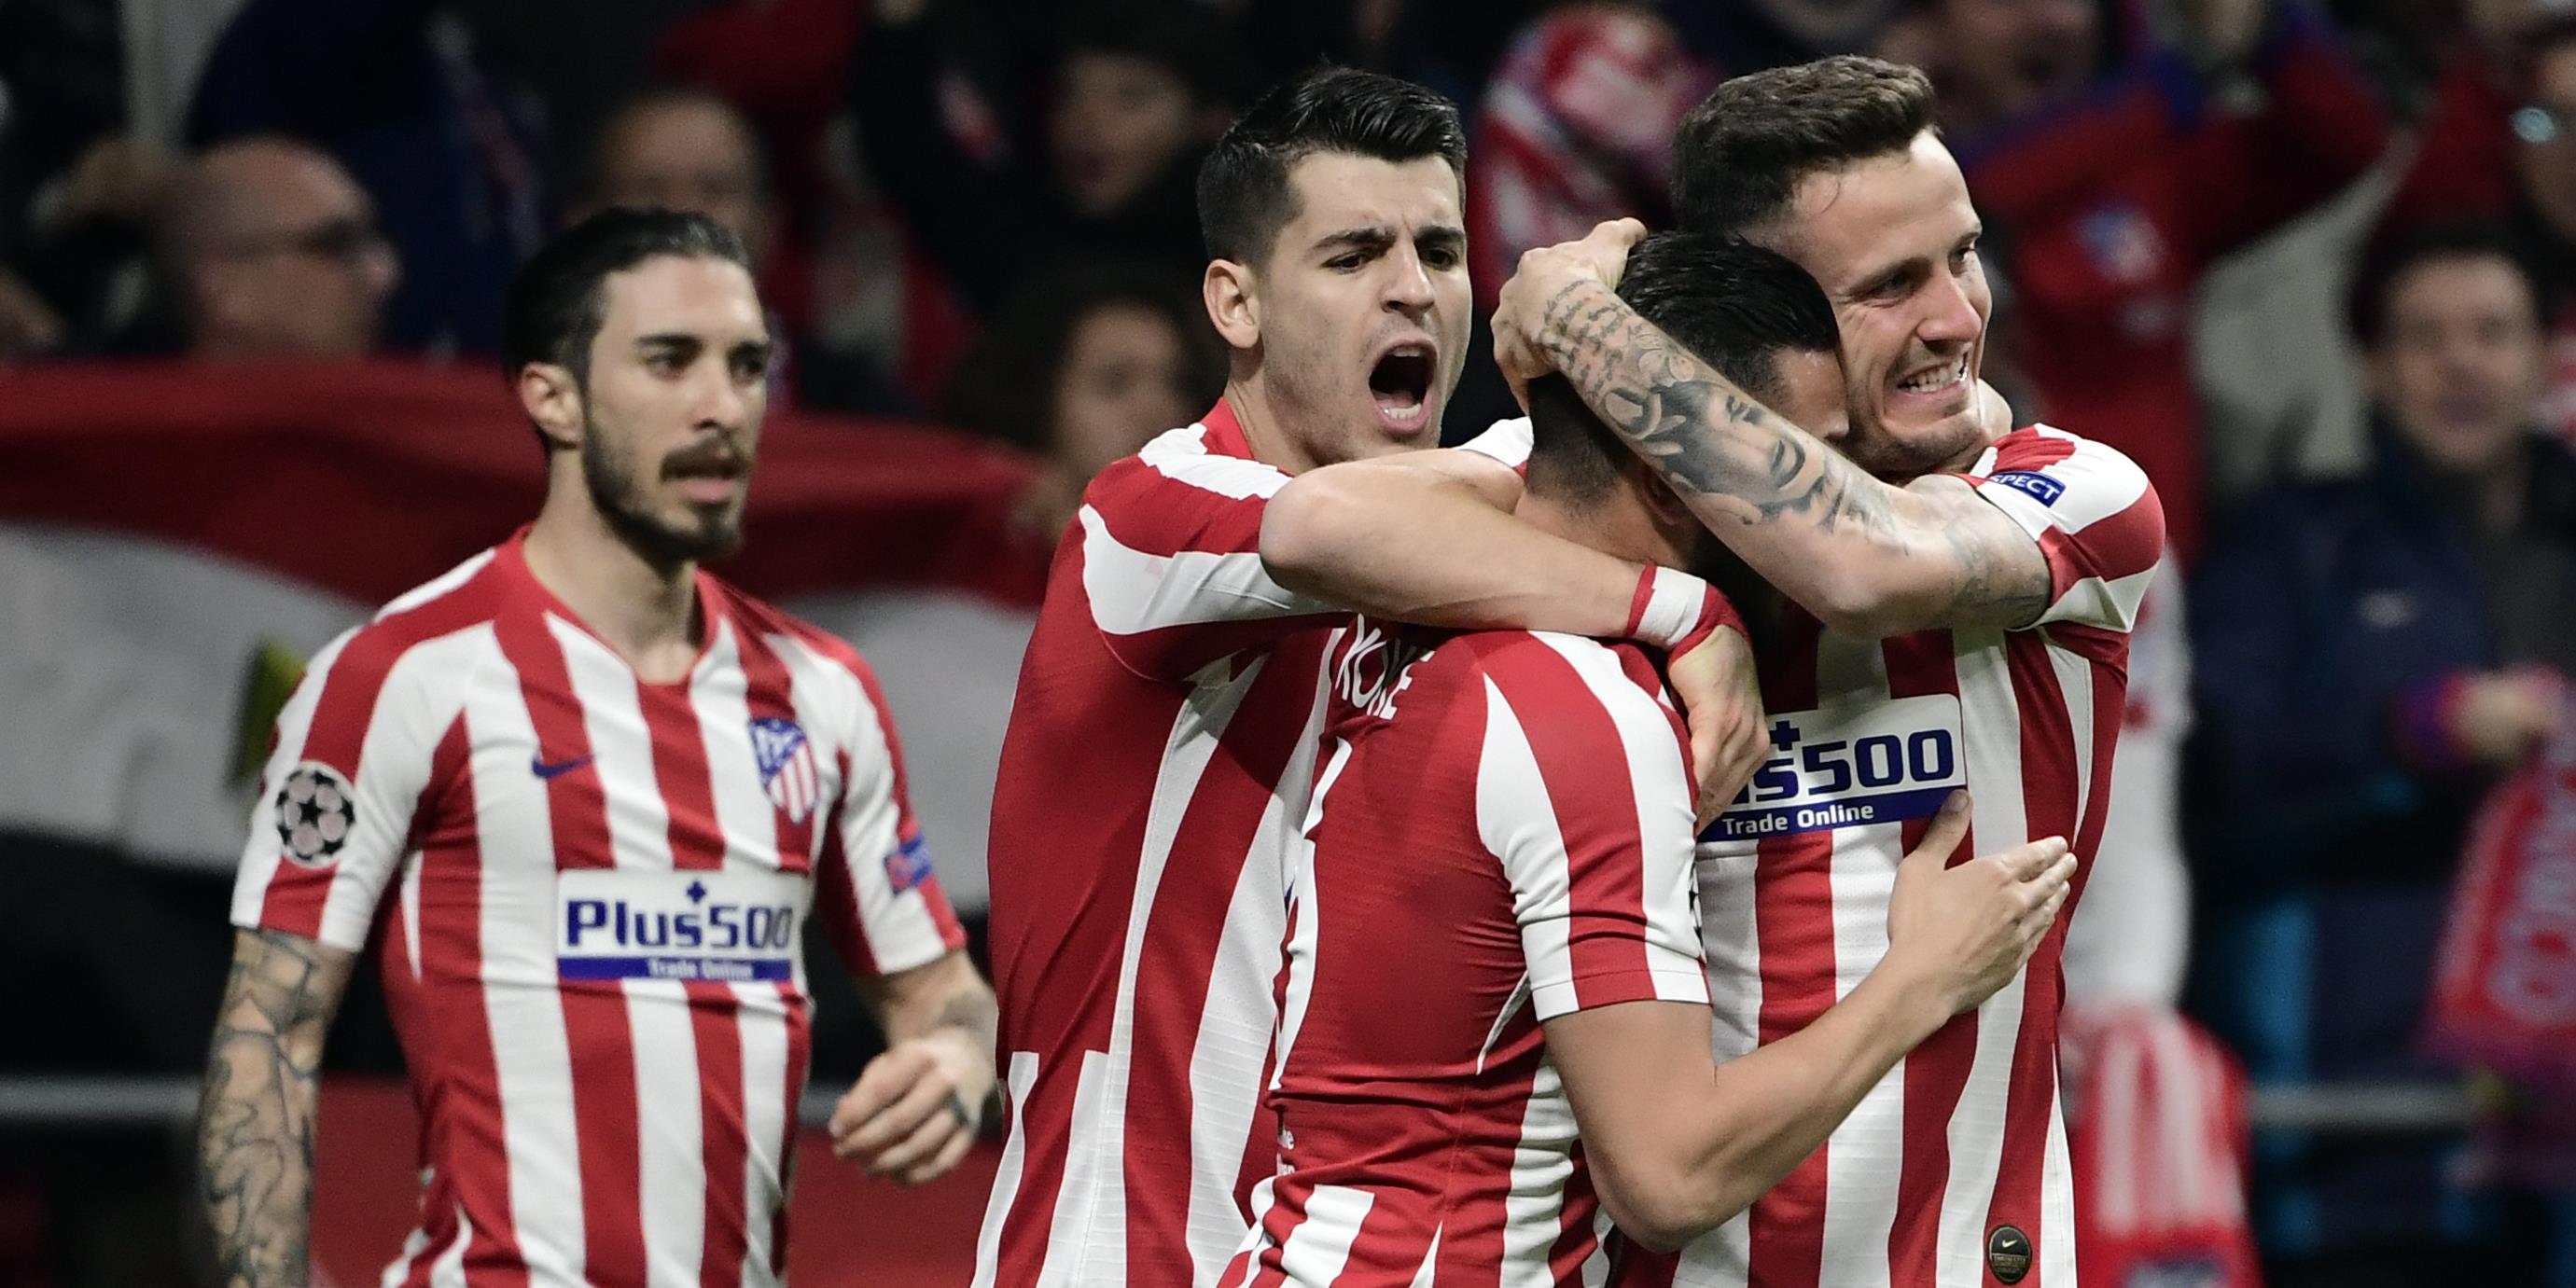 Mégsem Isztambulban lesz a Bajnokok Ligája-döntő